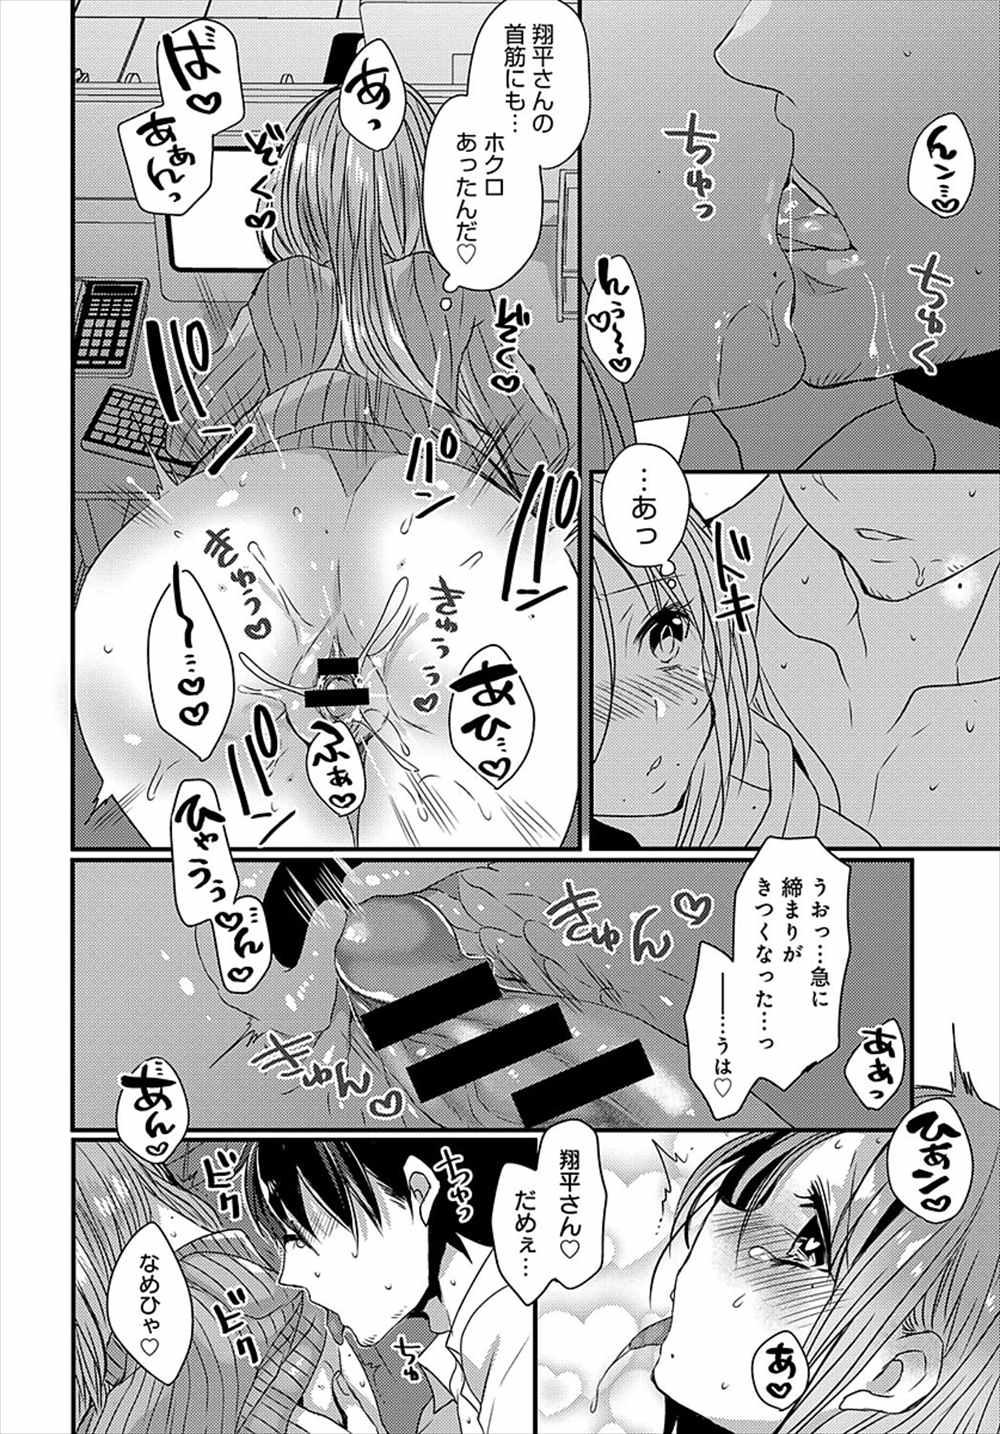 【エロ漫画】残業で会えない彼女がやってきた…誰も居ない社内で濃厚イチャラブセックスするリーマンww【まめこ:俺のカノジョはホクロがエロい!】